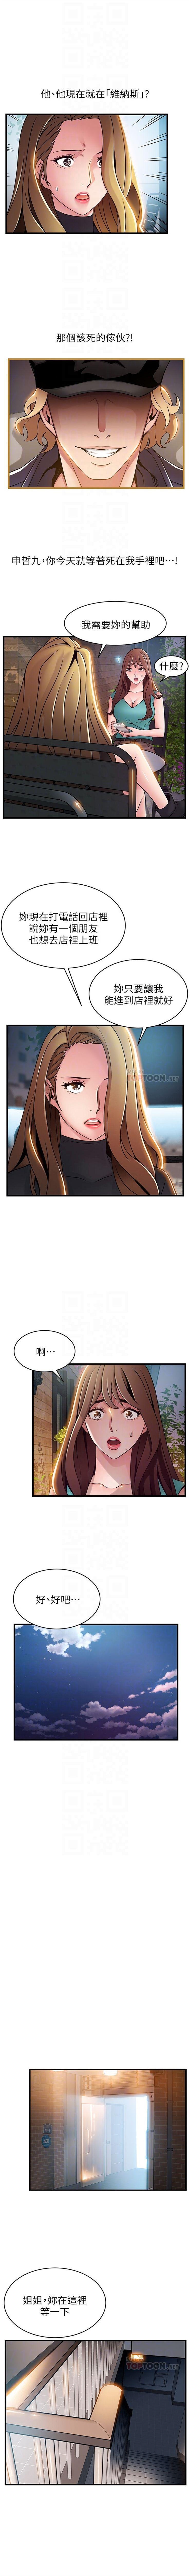 (周7)弱点 1-66 中文翻译(更新中) 345